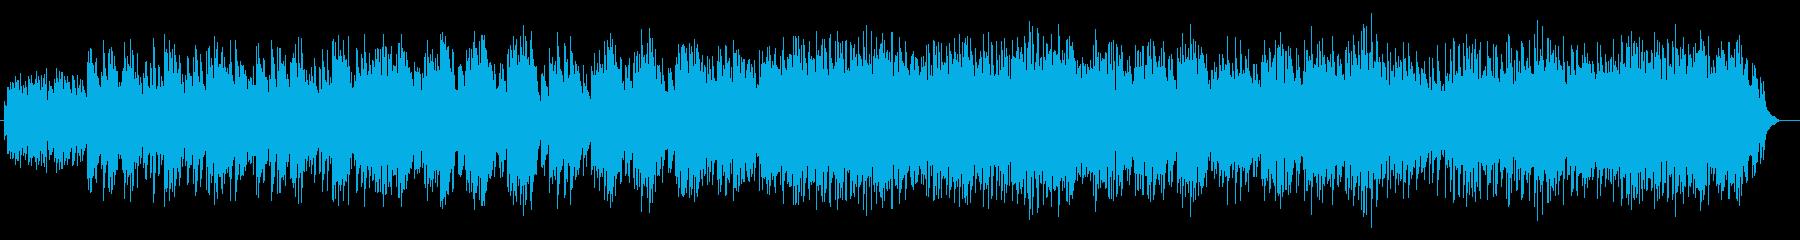 メロディアスでクラシカルなピアノバラードの再生済みの波形